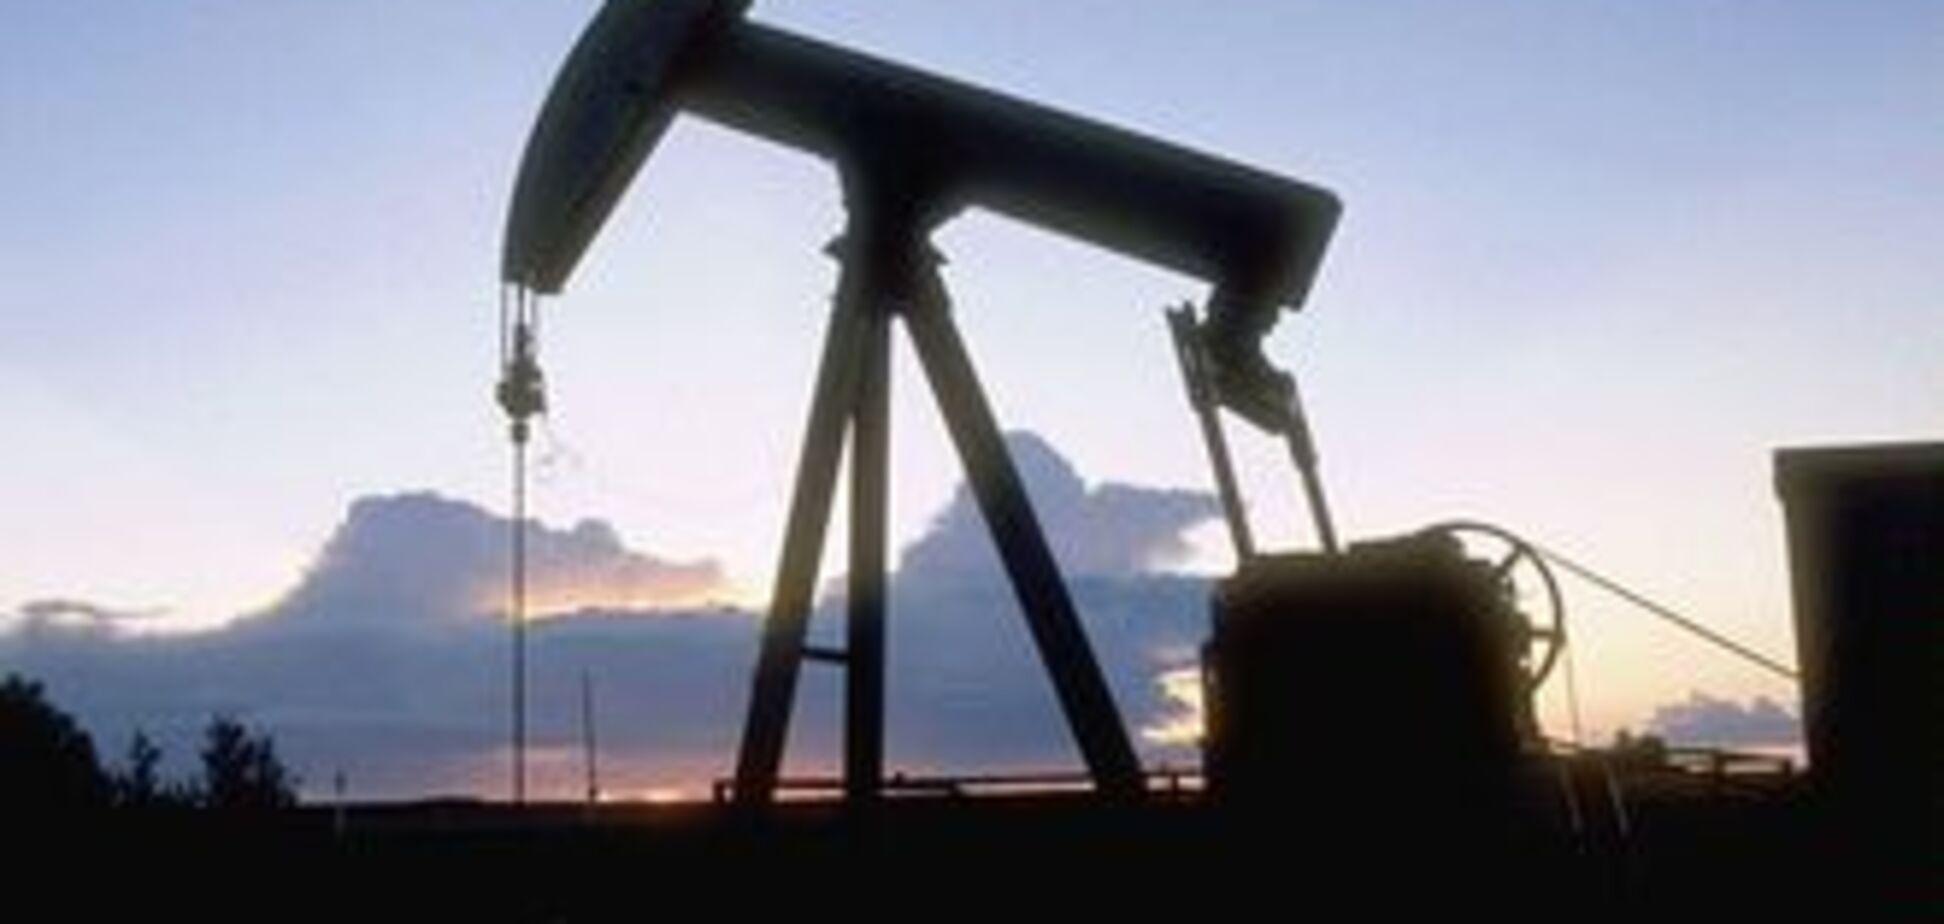 На Полтавщині крали нафту з магістрального трубопроводу